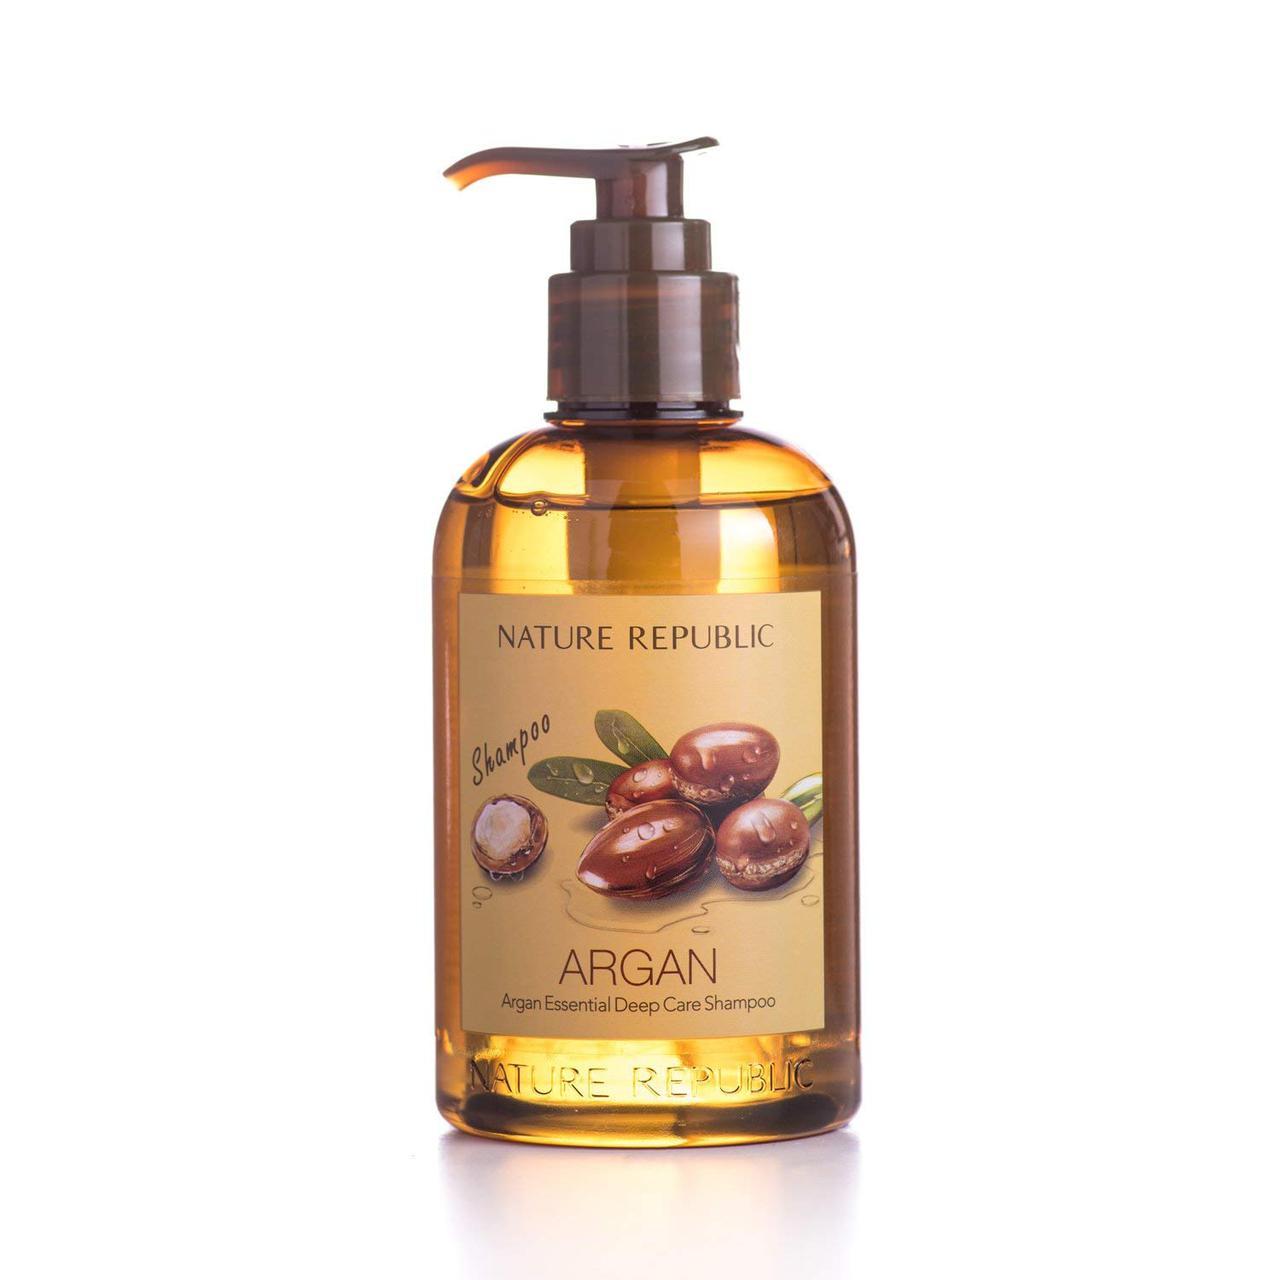 Nature Republic Шампунь с Аргановым маслом Argan Essential Deep Care Shampoo 300ml